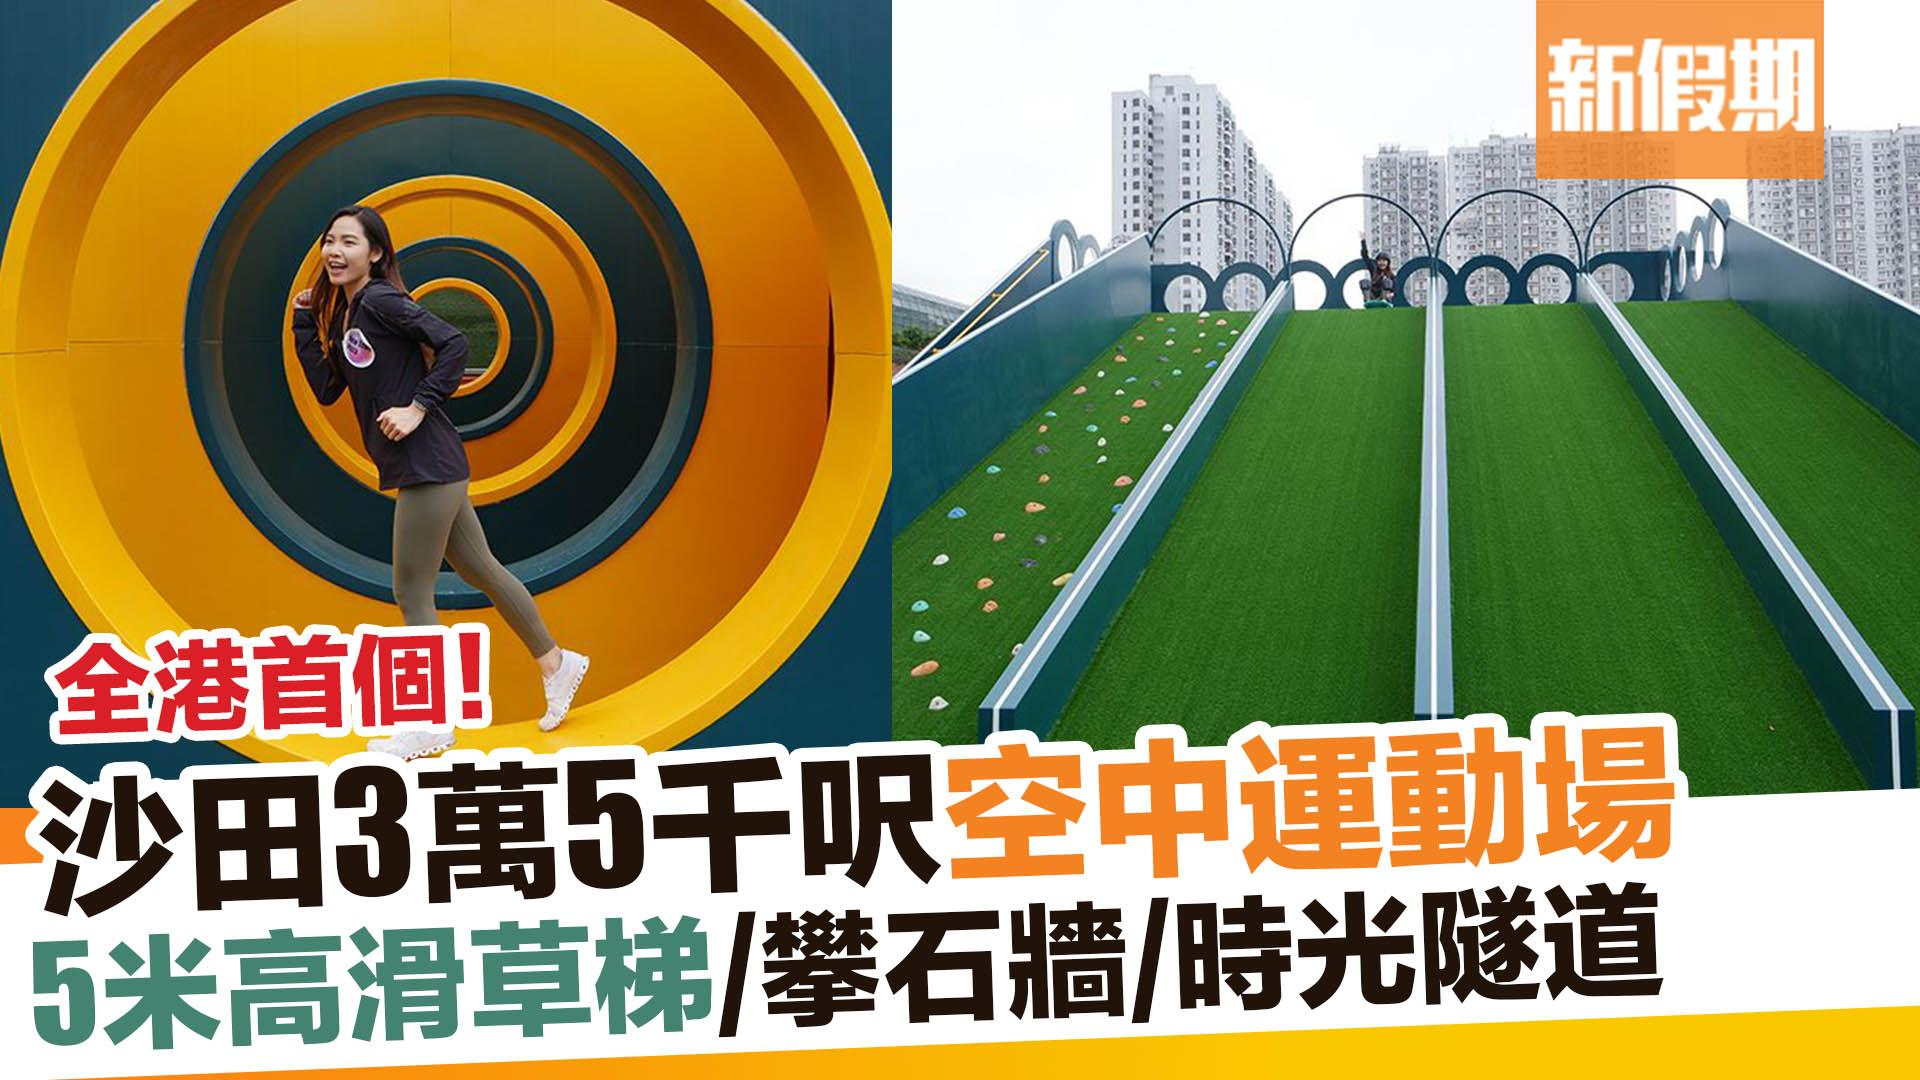 【香港好去處】全港首個戶外空中草地運動公園登陸沙田 新假期